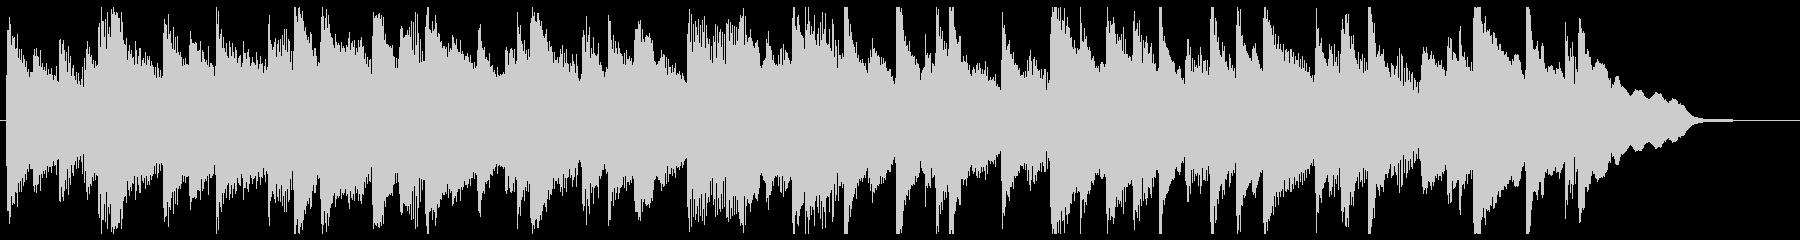 ピアノ30秒BGM《歩み》の未再生の波形